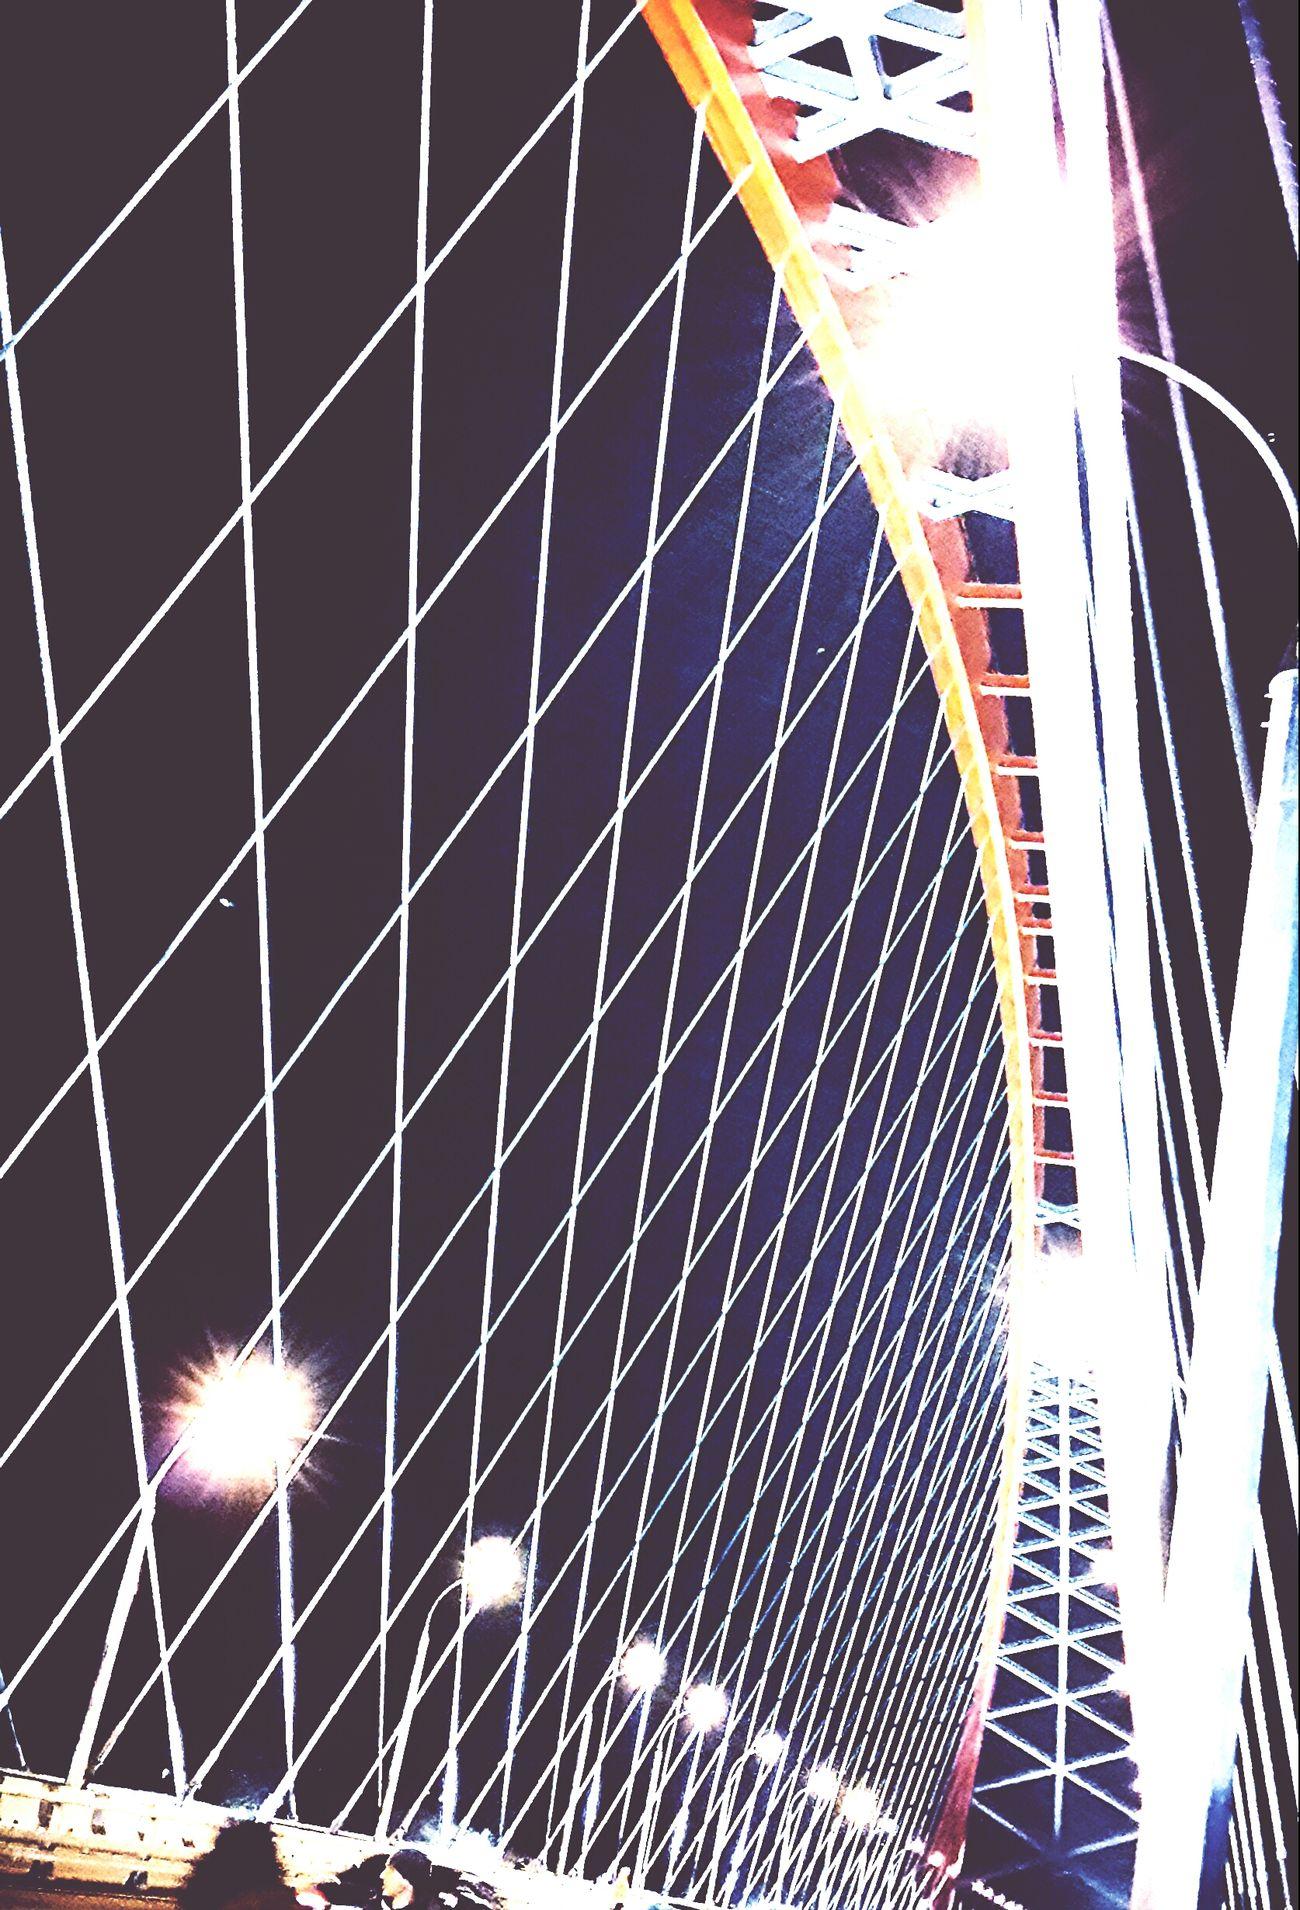 Hello World Architecture View